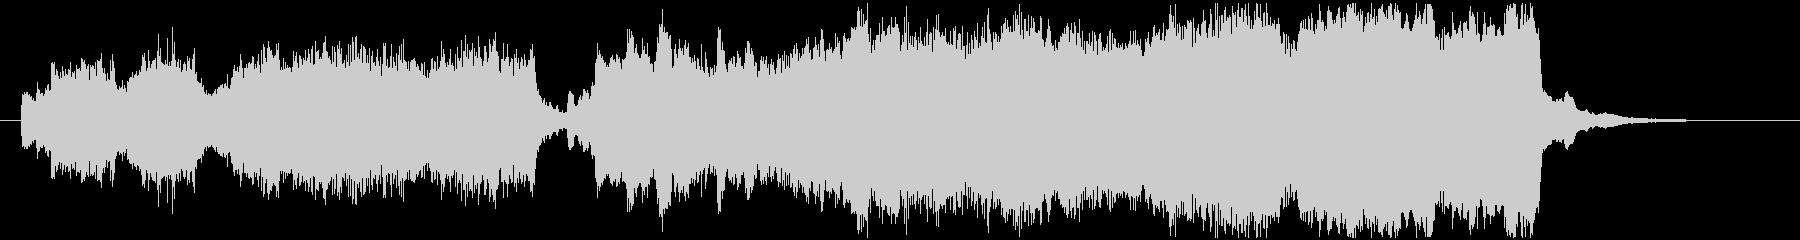 CMやジングル向けオーケストラ曲の未再生の波形